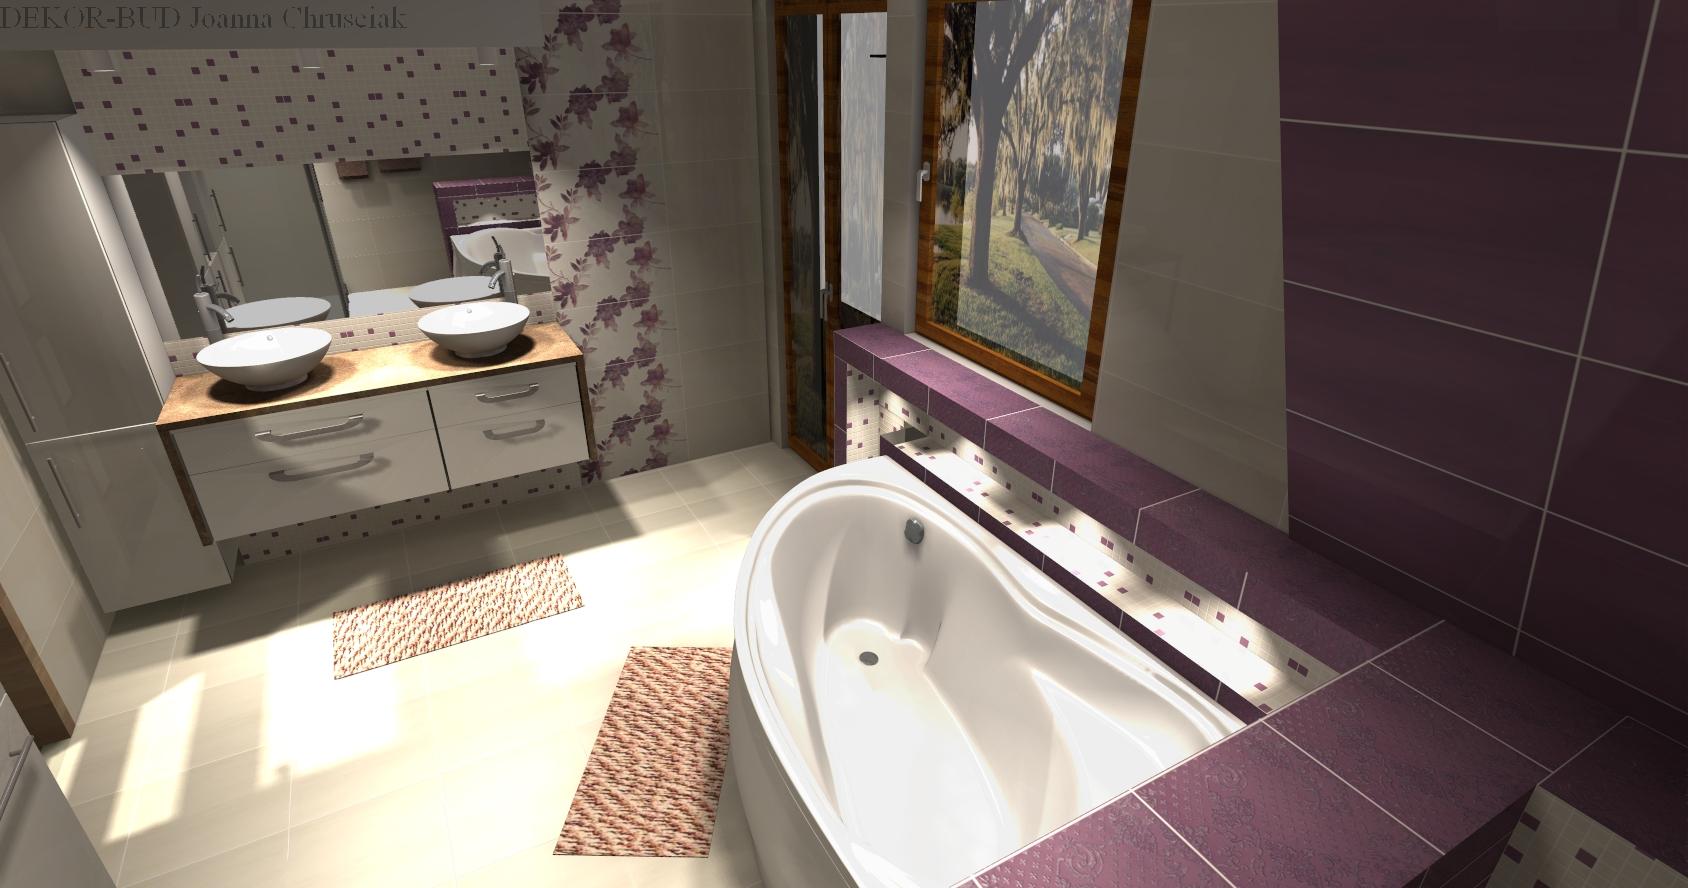 Łazienka w fiolecie -> Kuchnie We Fiolecie